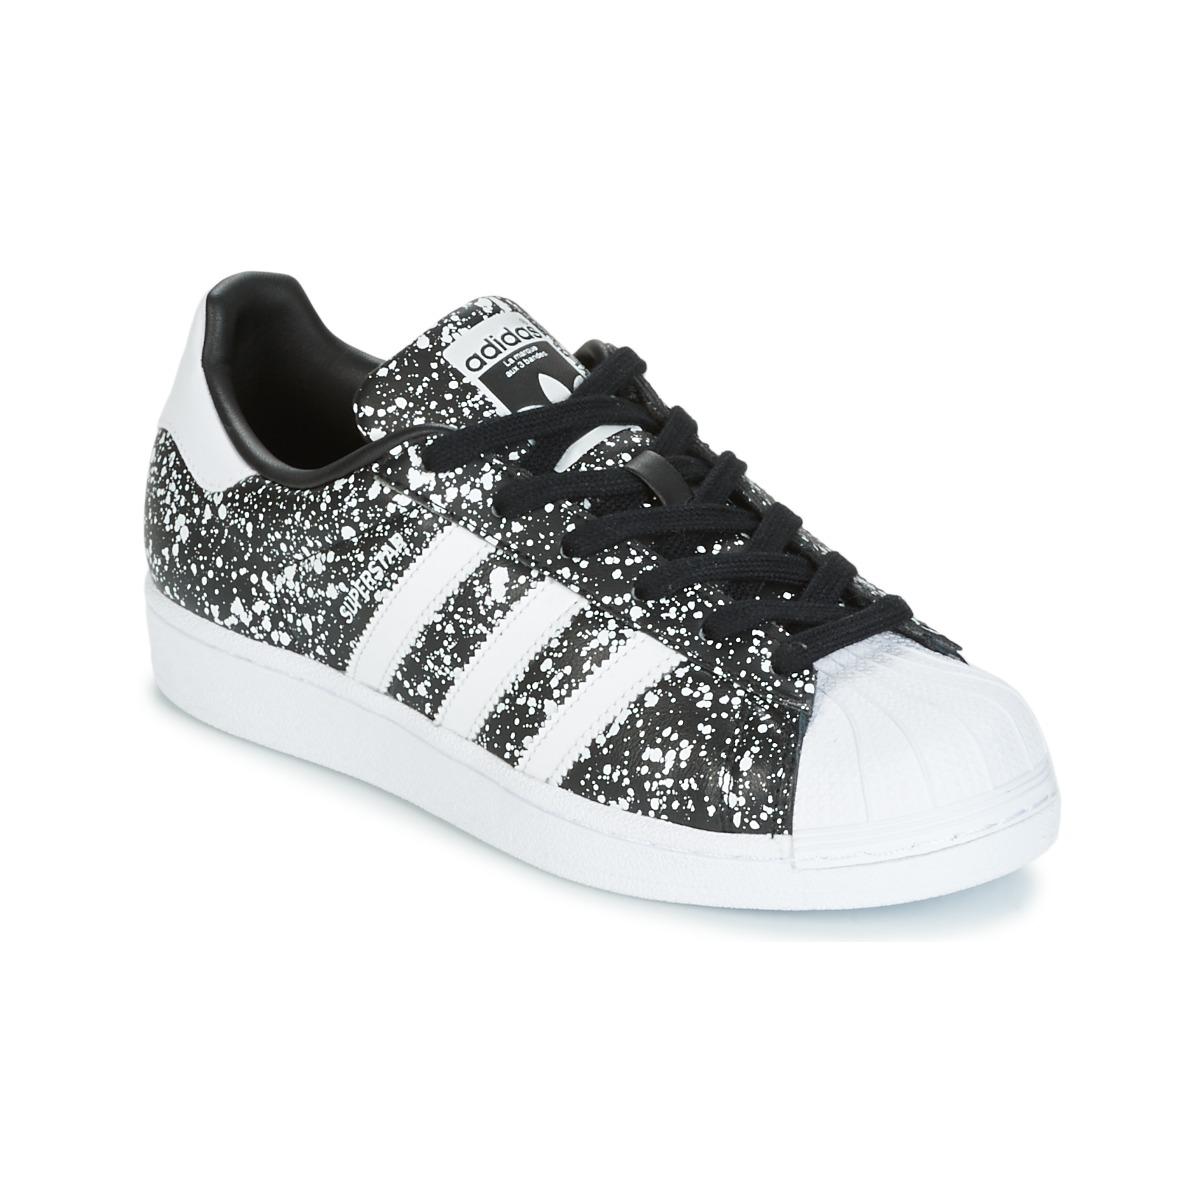 Adidas Originals SUPERSTAR W Noir / Blanc pas cher - Baskets Femme Spartoo